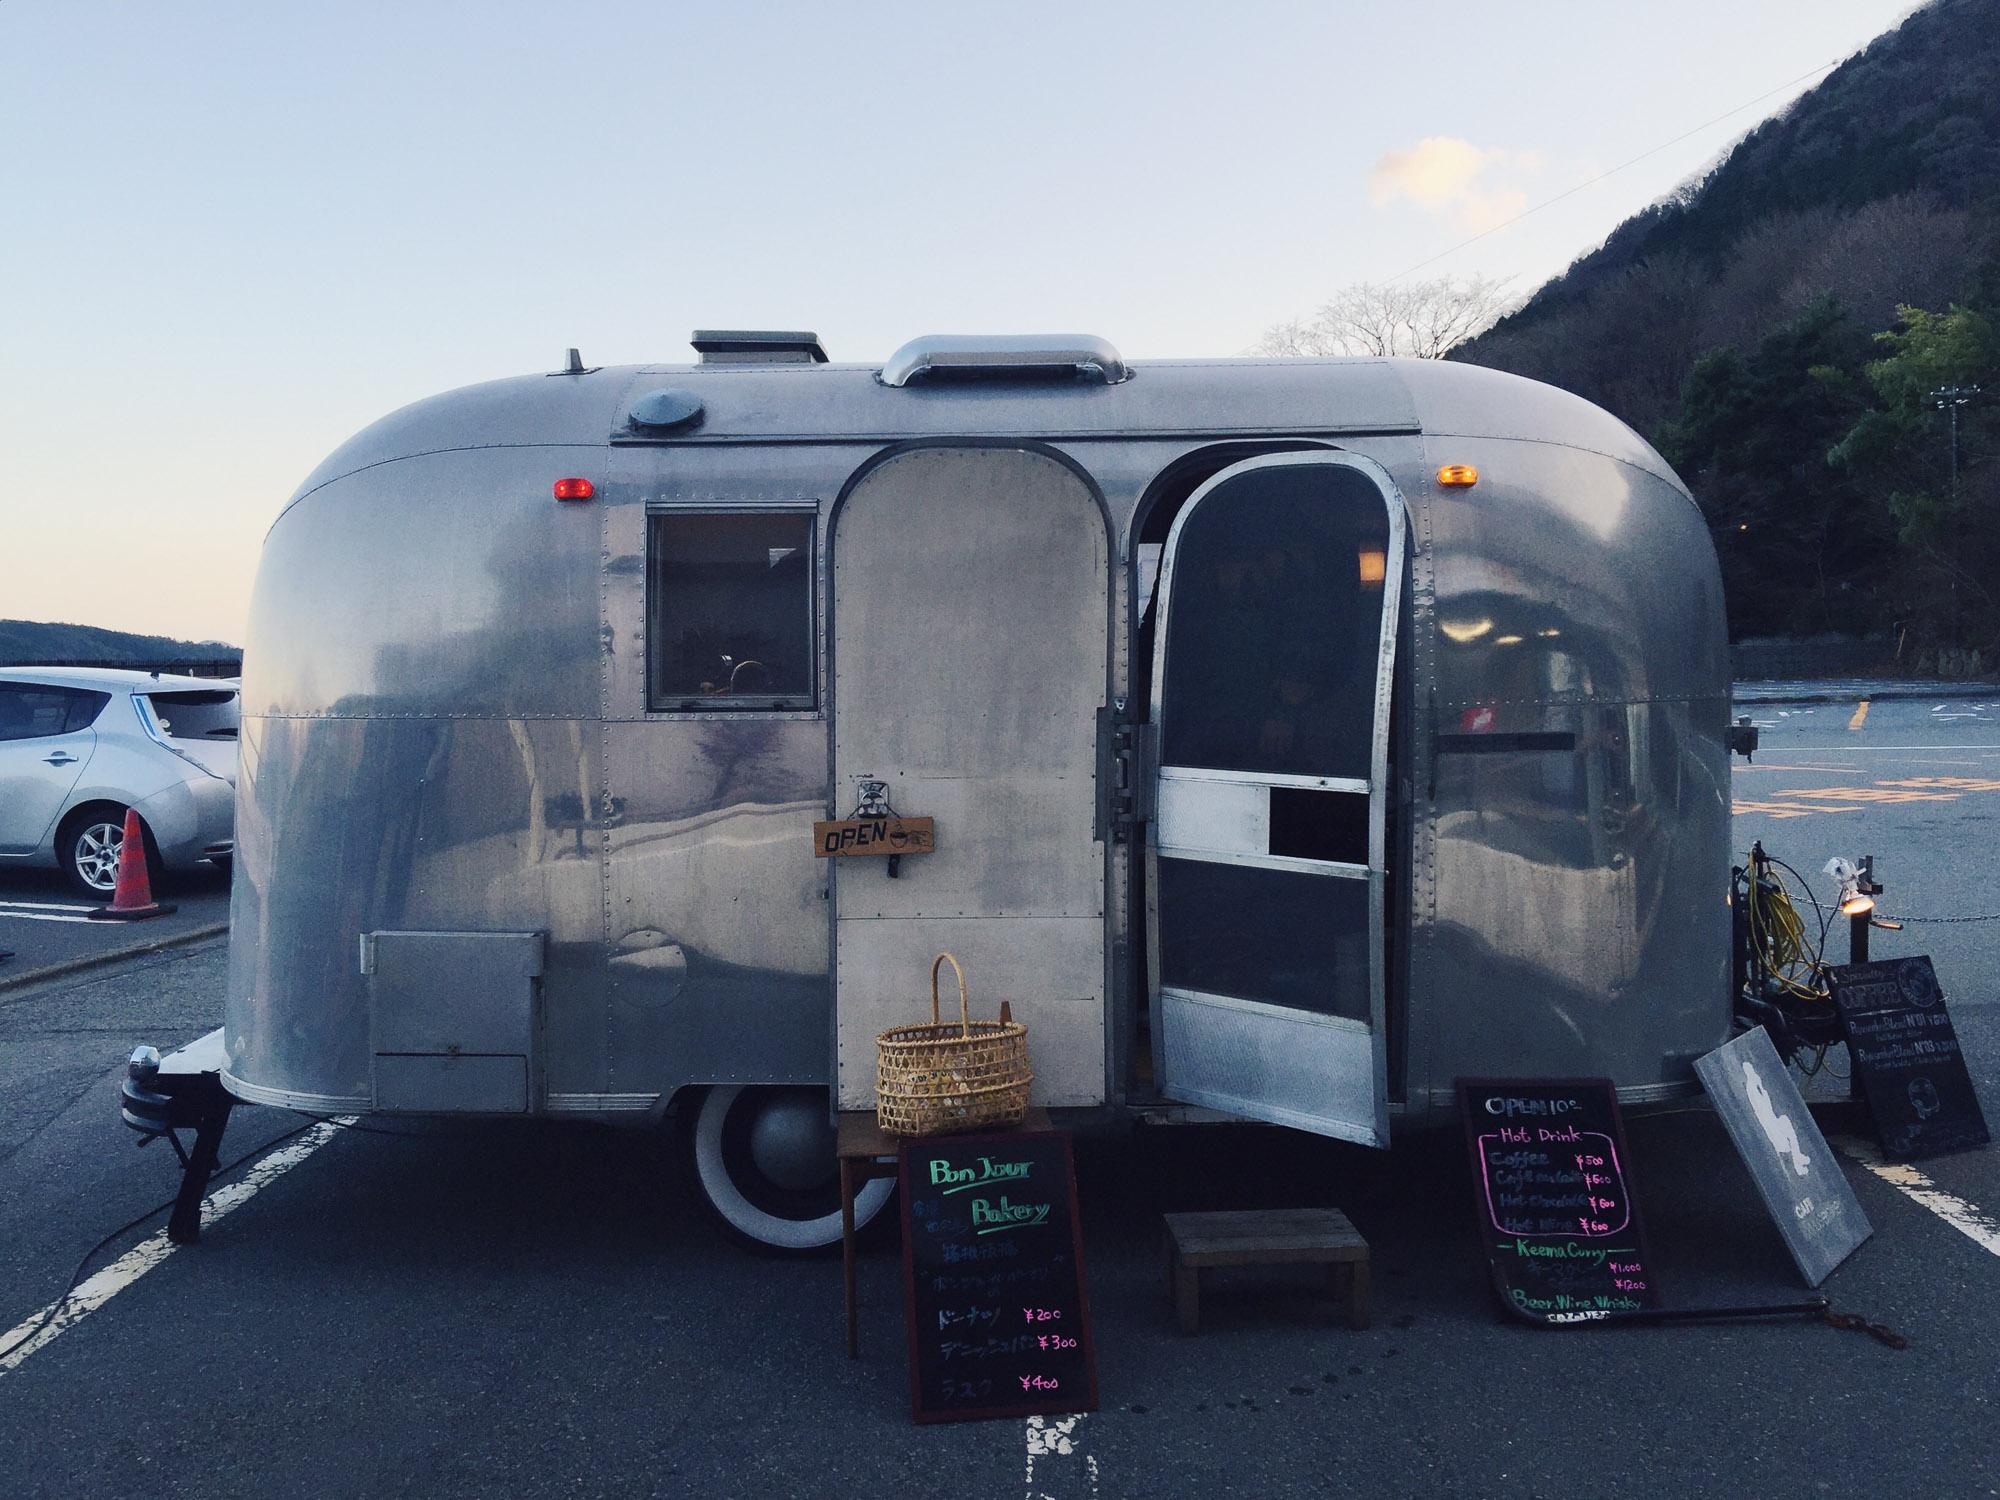 Instagramming Japan - caravan cafe in Hakone